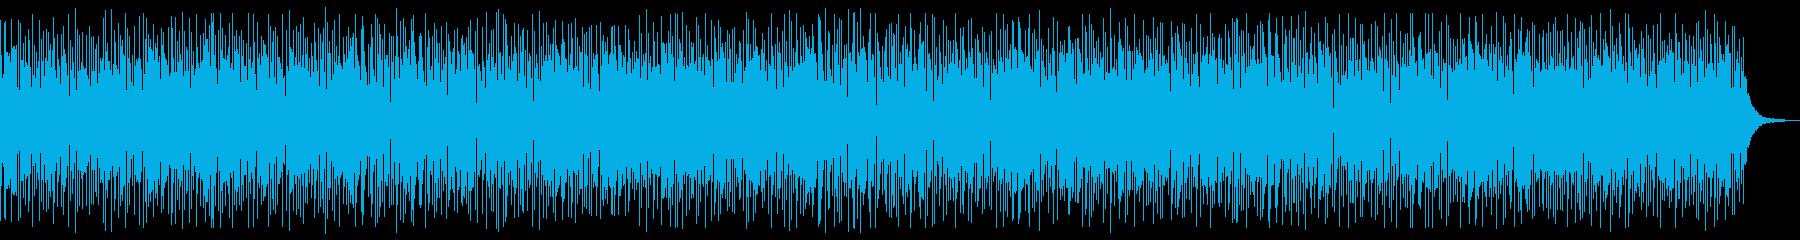 ほっとするボサノバ ゆったり ギターの再生済みの波形